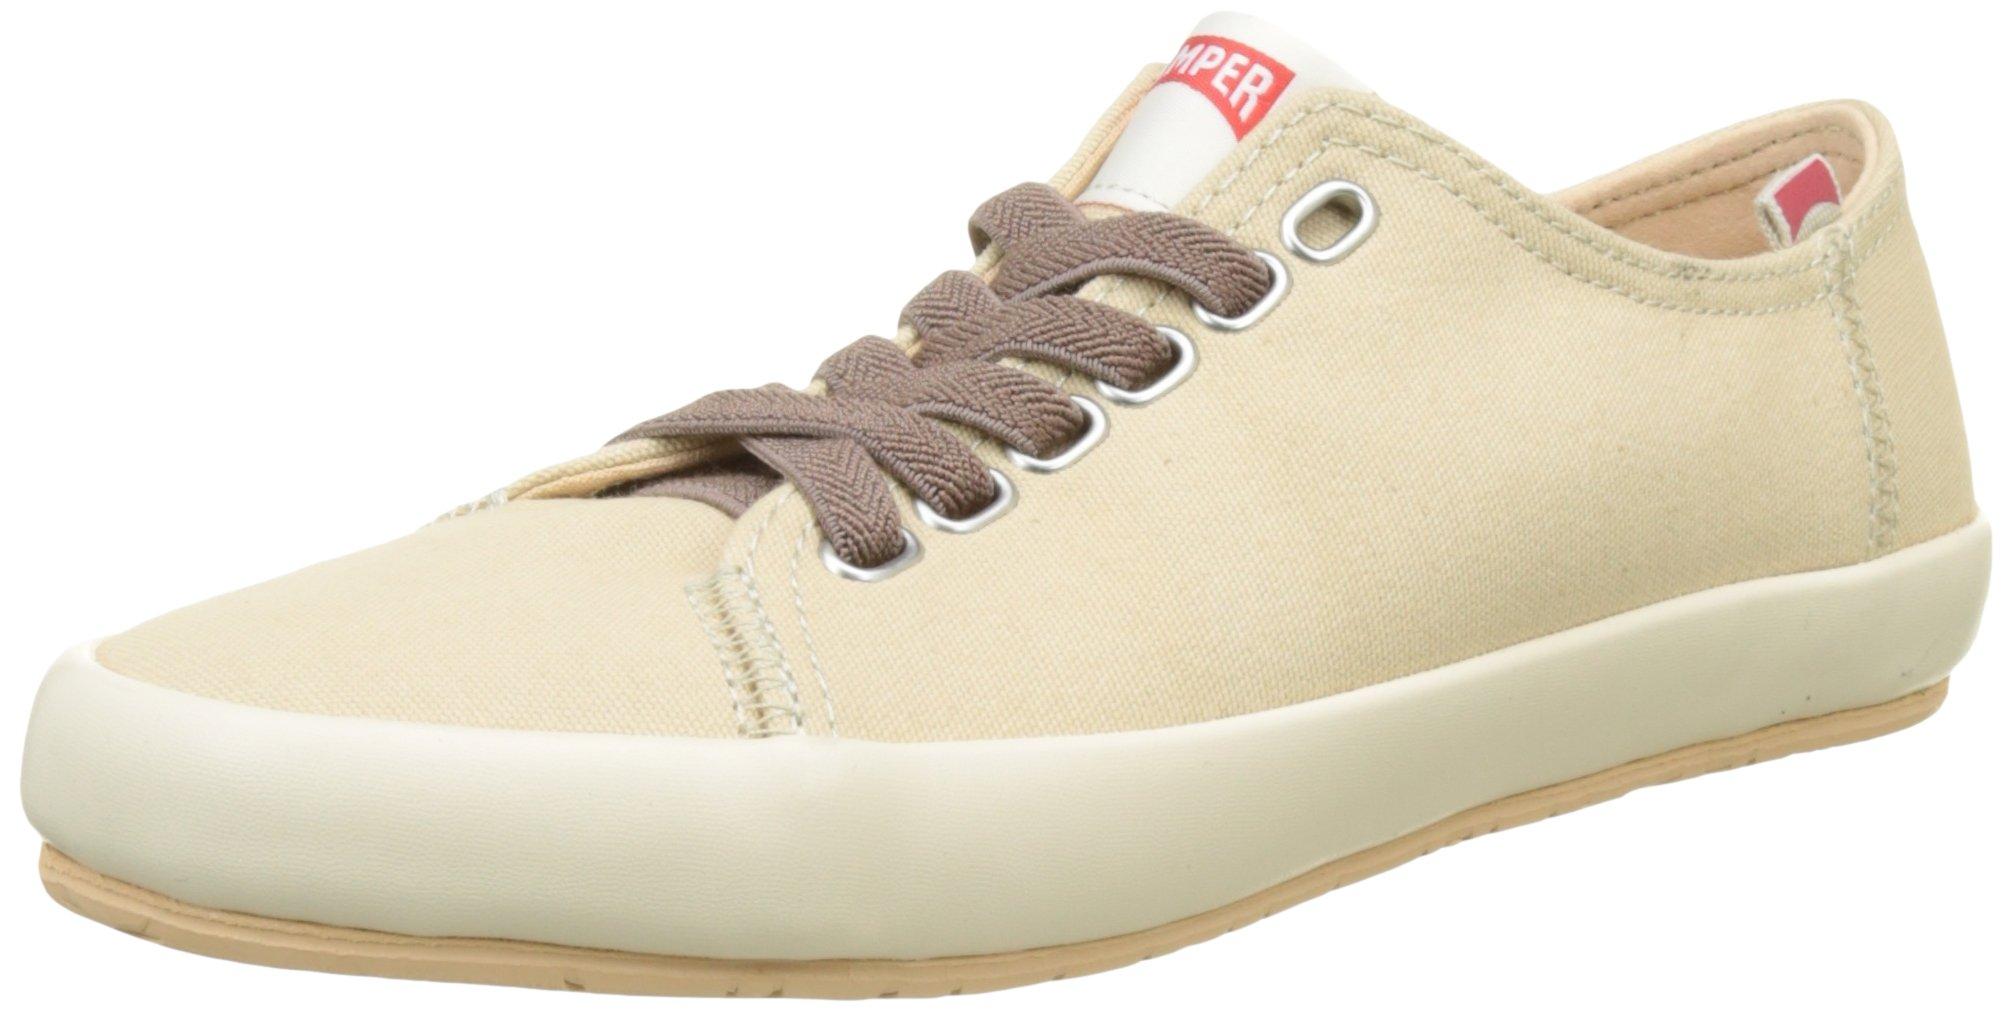 Camper Women's borne K200284 Fashion Sneaker, Beige, 40 EU/10 M US